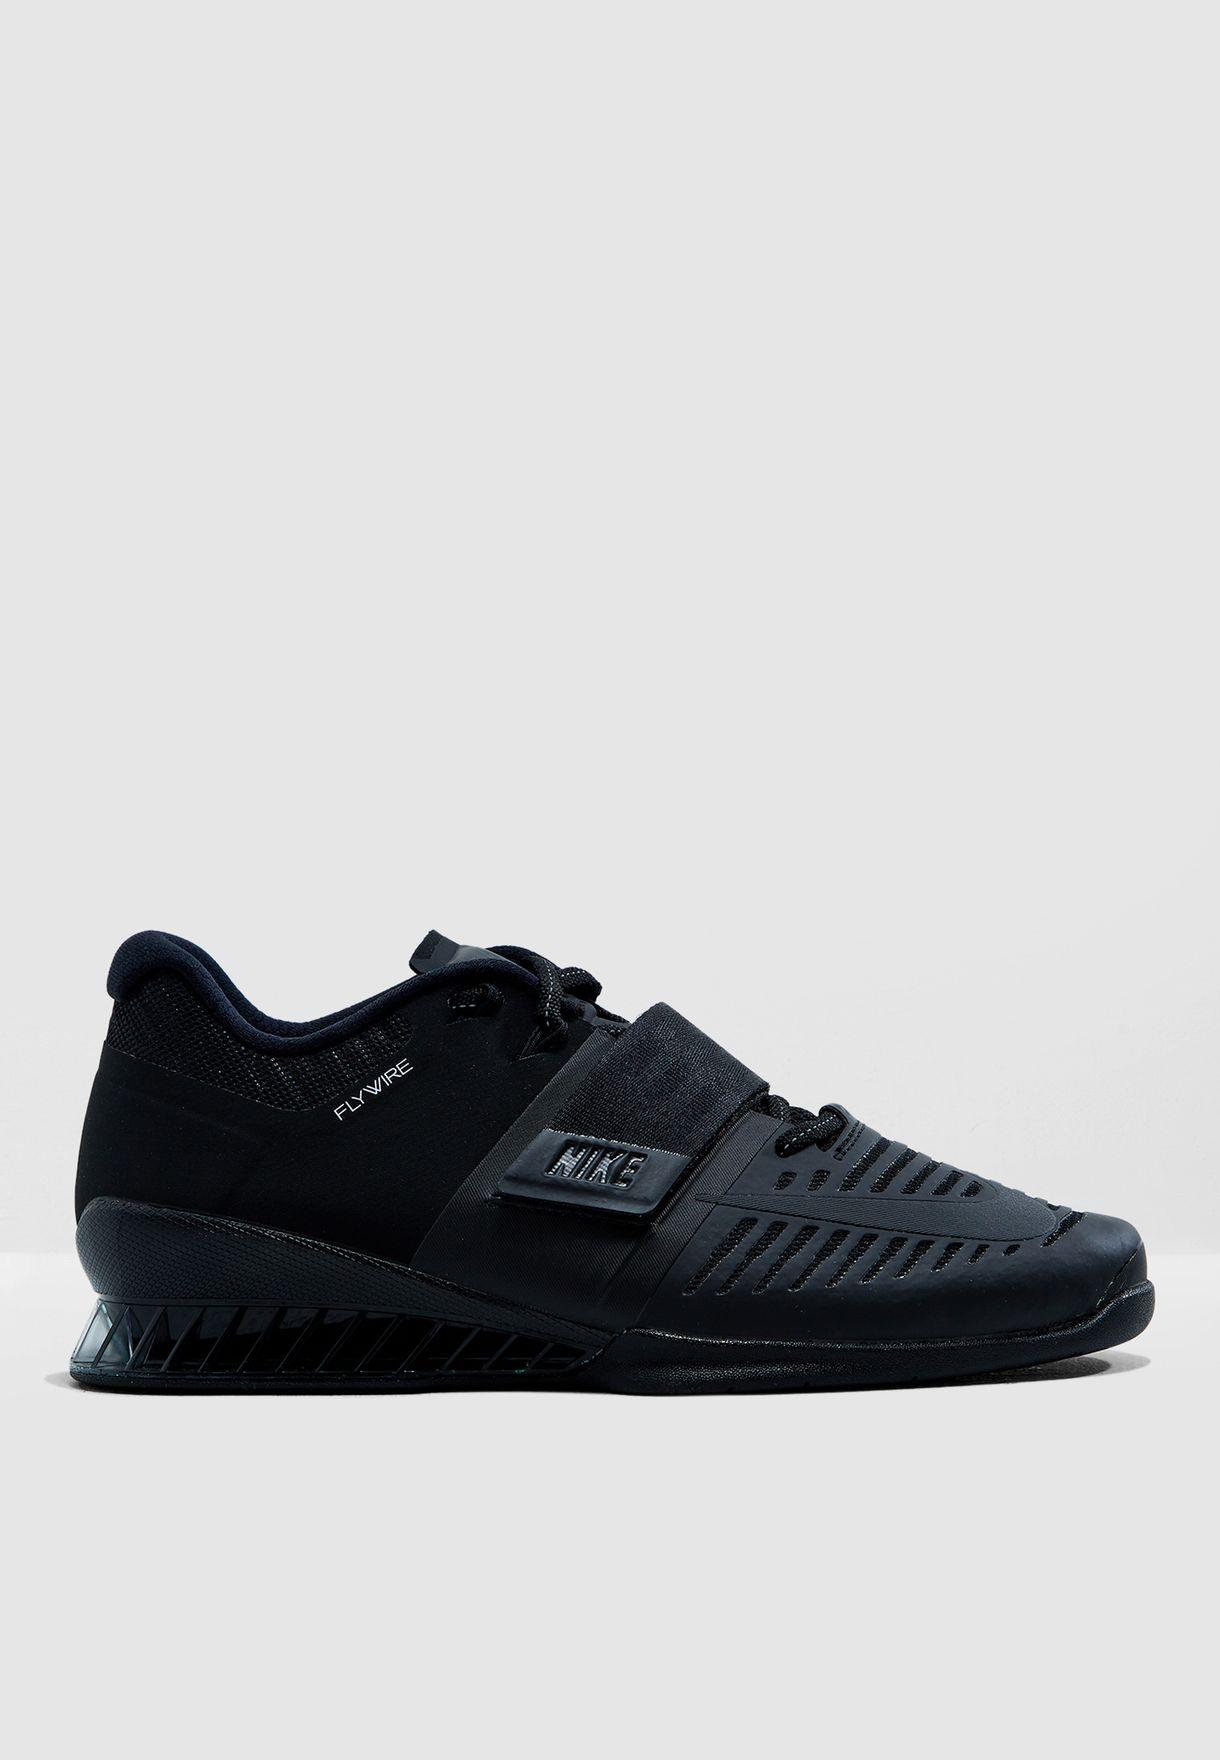 2fcab1f738688 تسوق حذاء روماليوز 3 ماركة نايك لون أسود 852933-004 في السعودية ...